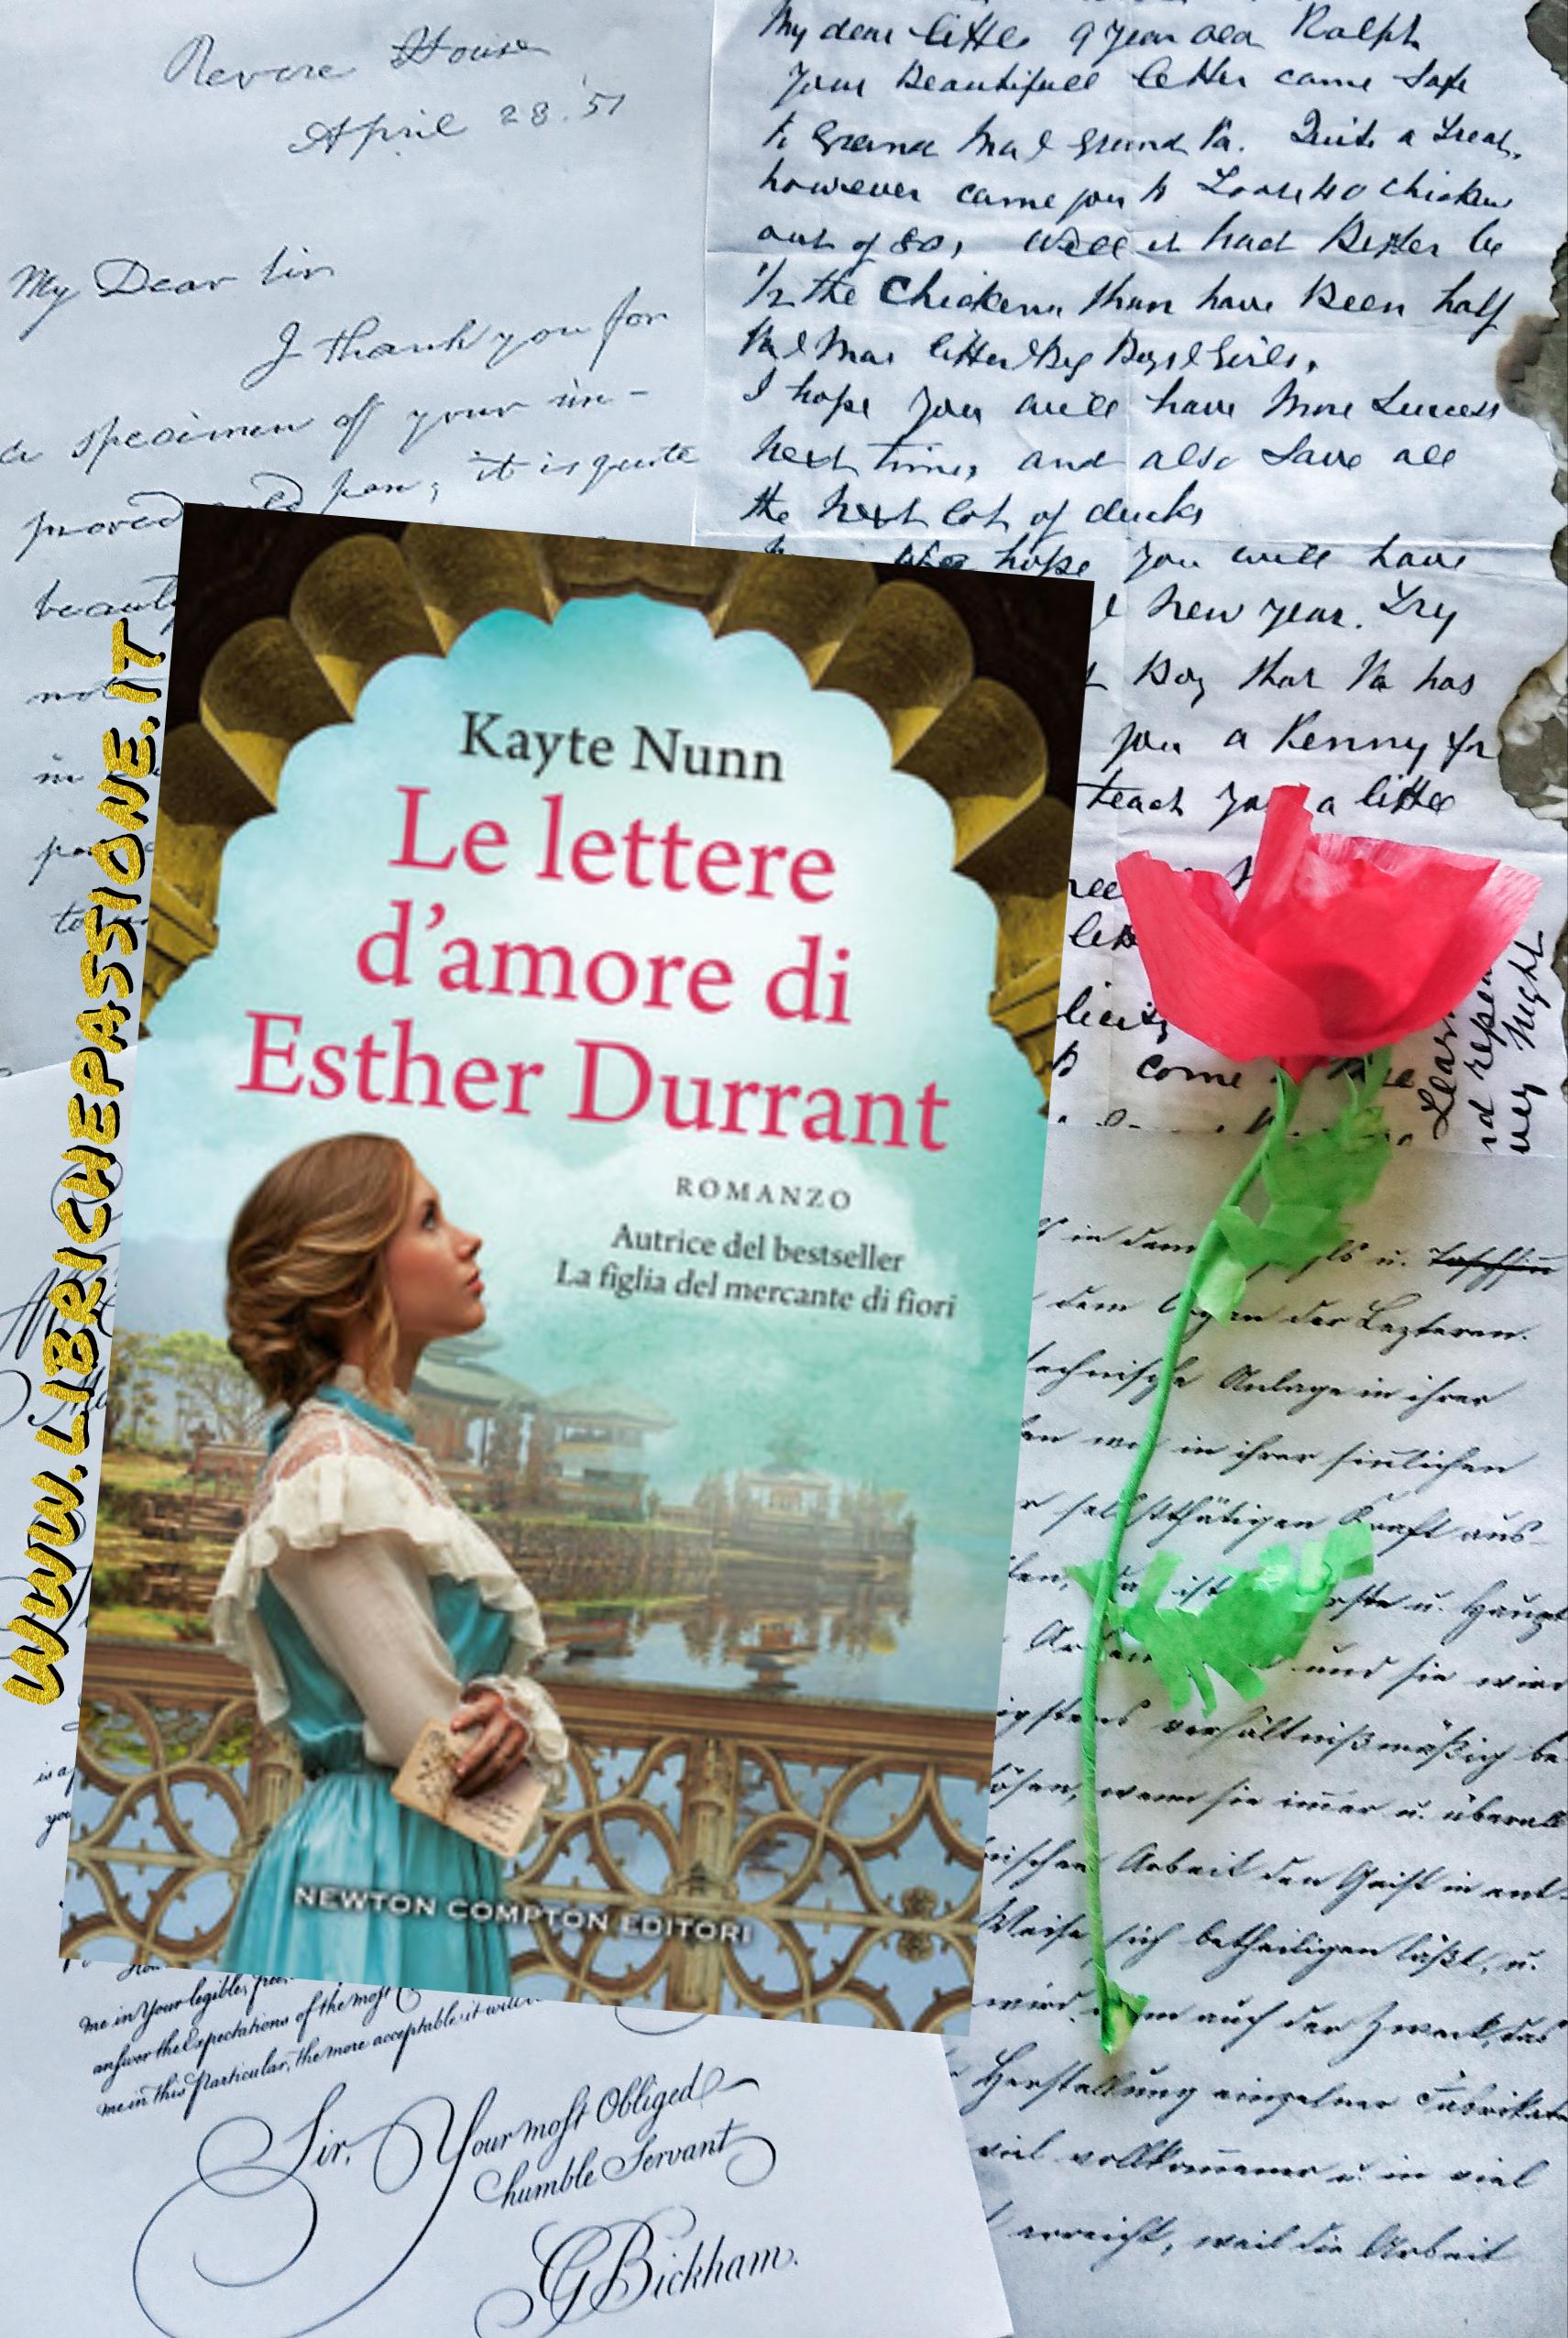 """Recensione del romanzo """"Le lettere d'amore di Esther Durrant"""" di Kayte Nunn edito da Newton Compton"""